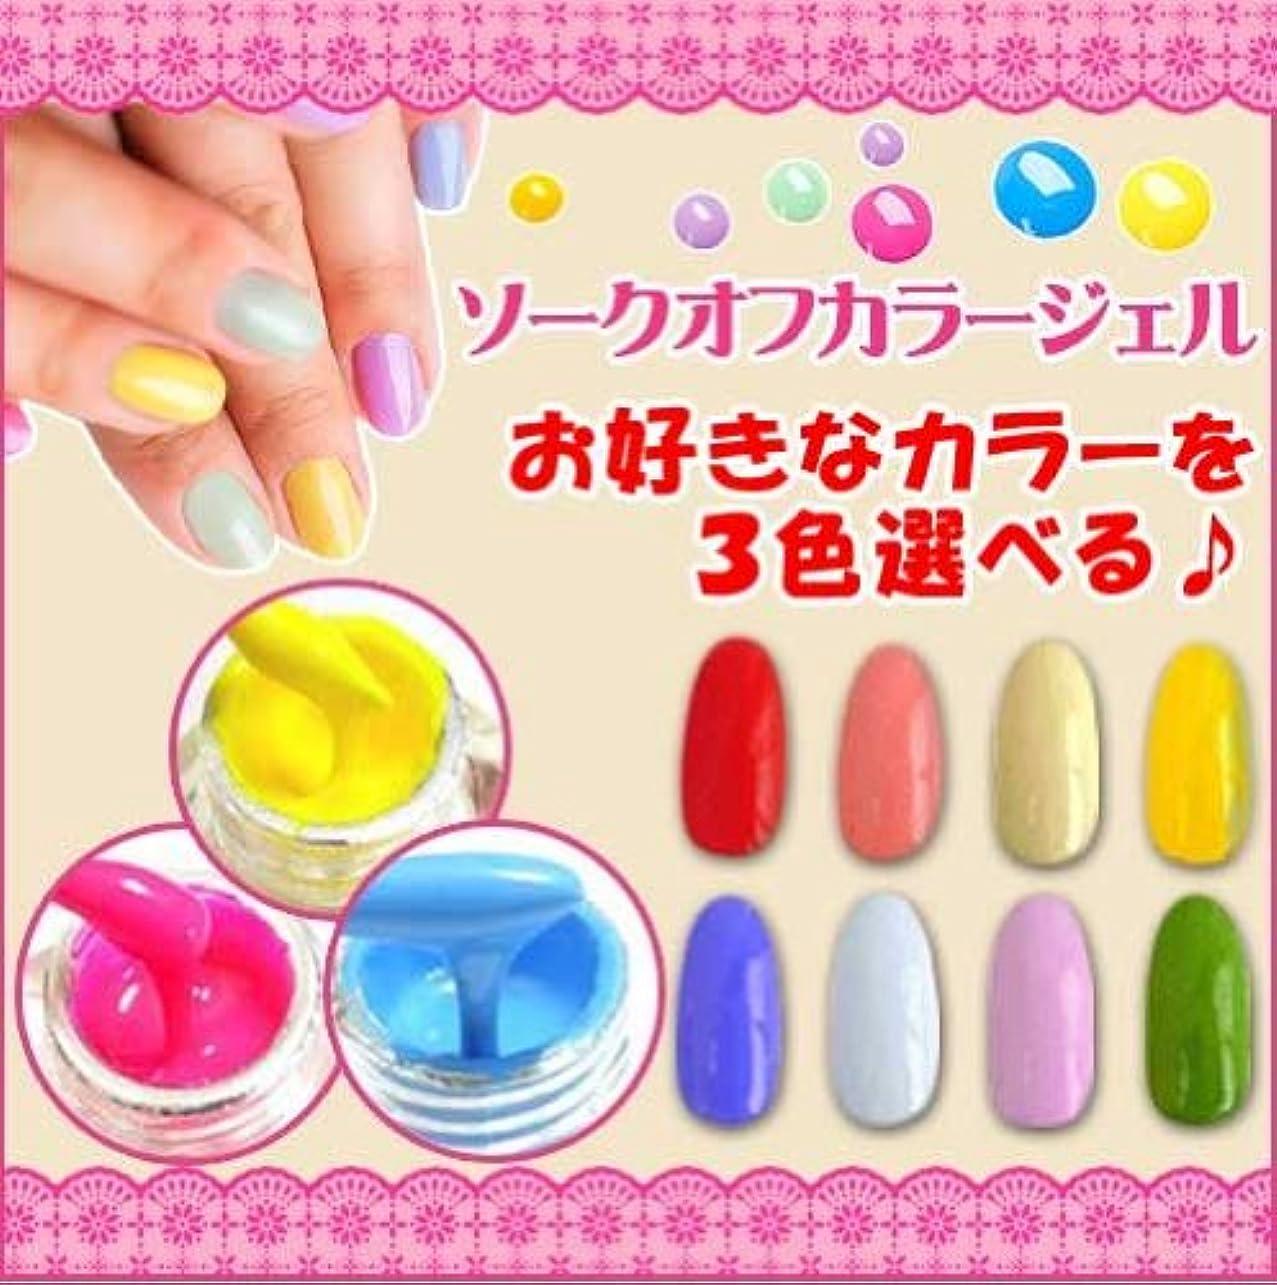 遅い不正確空白【好きなカラーが選べる?】カラージェル3色セット☆発色抜群